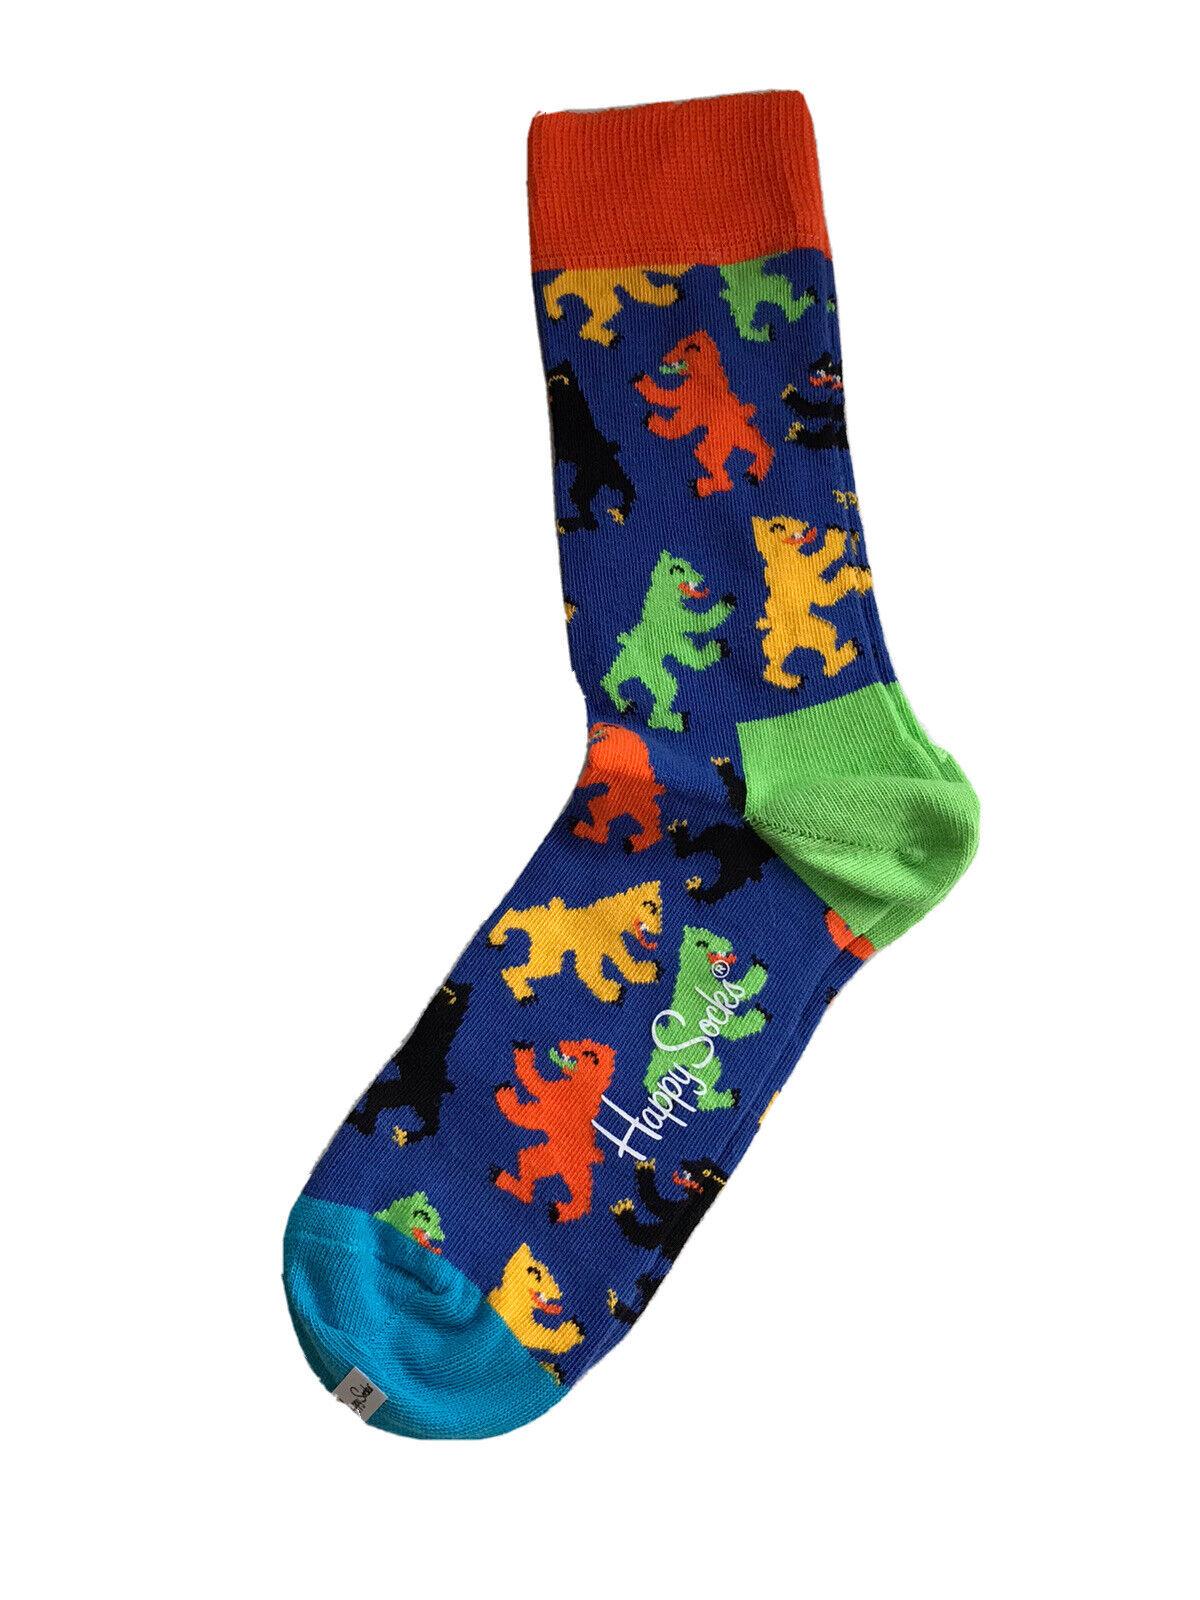 Happy Socks Unisex Berliner Bär Socken Gr.36-40 Mehrfarbig